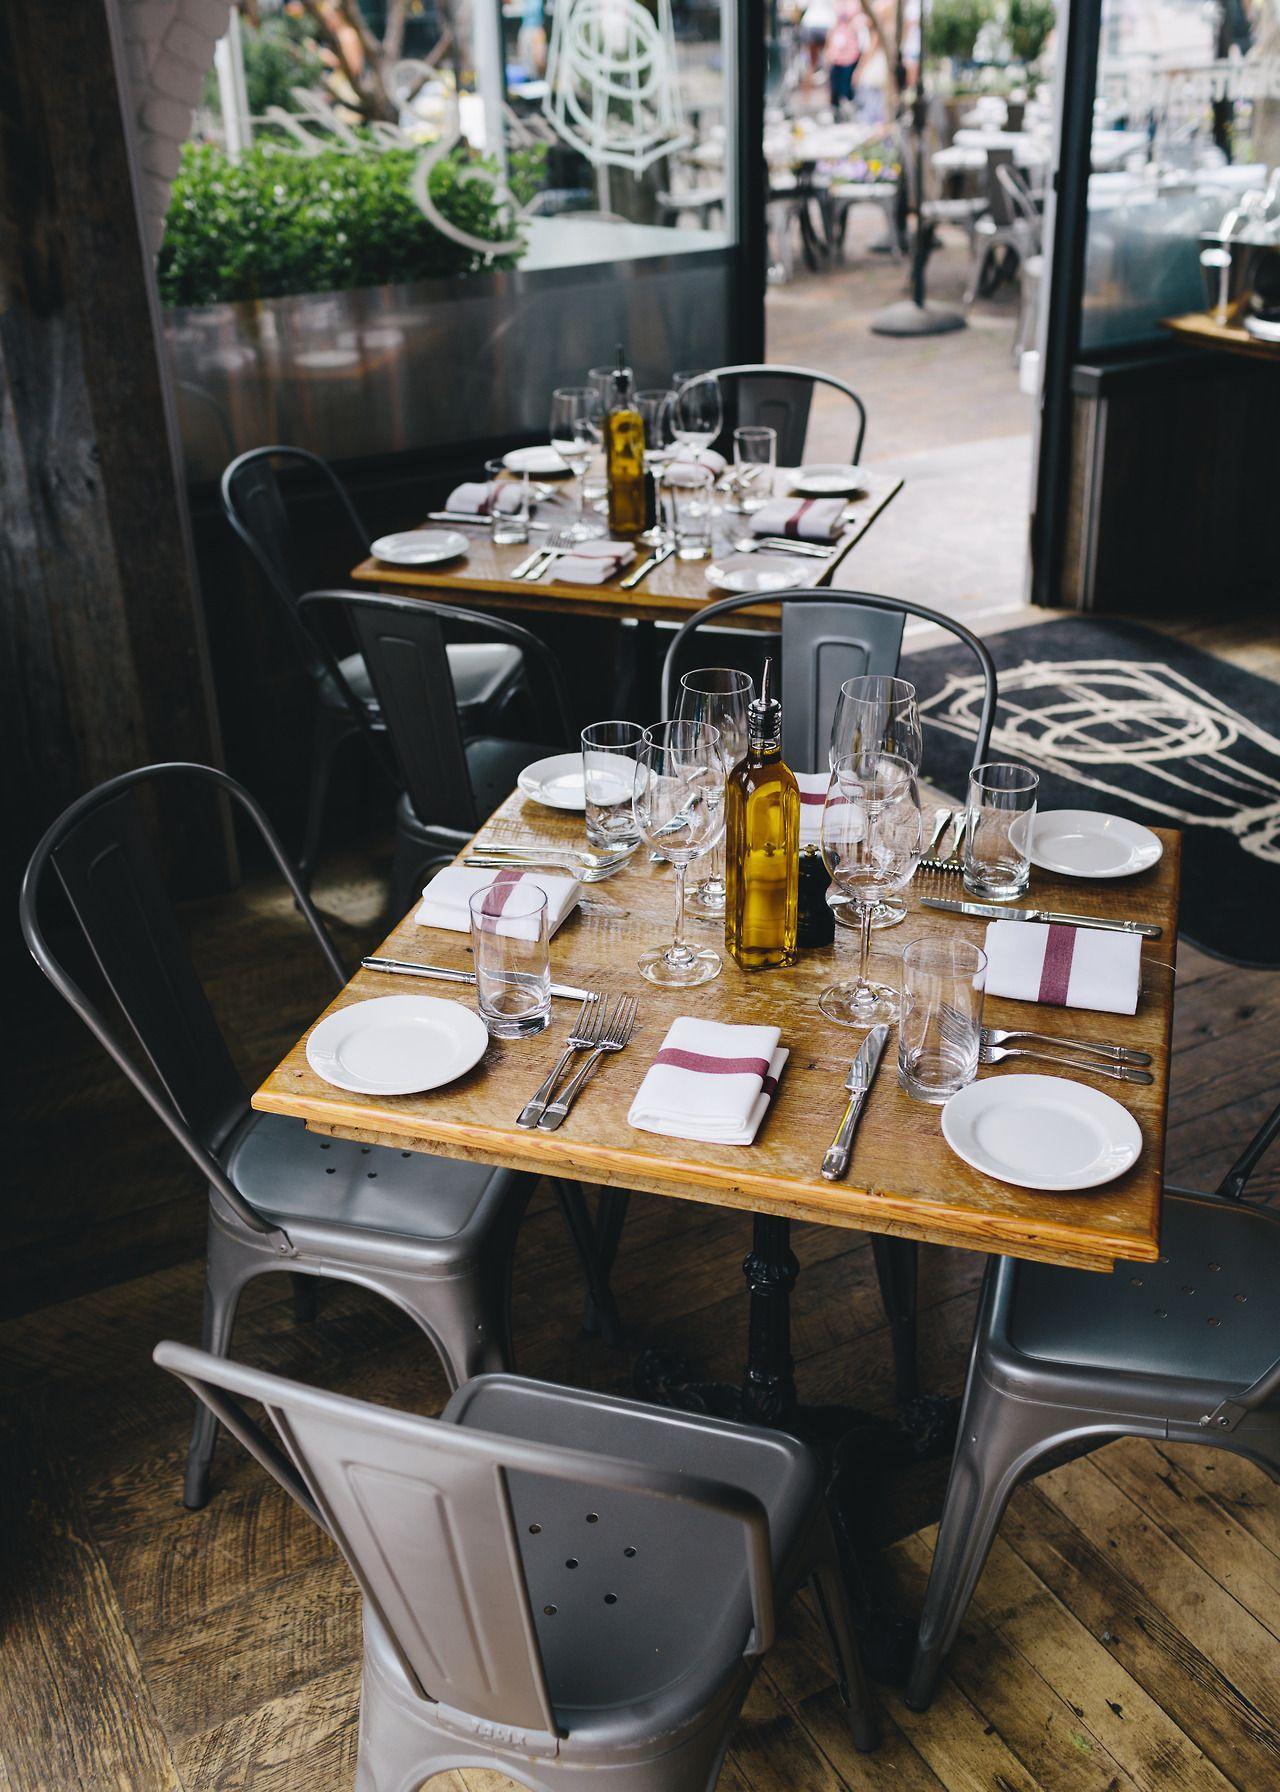 Chris Ozer Rustic Kitchen Design Restaurant Interior Rustic